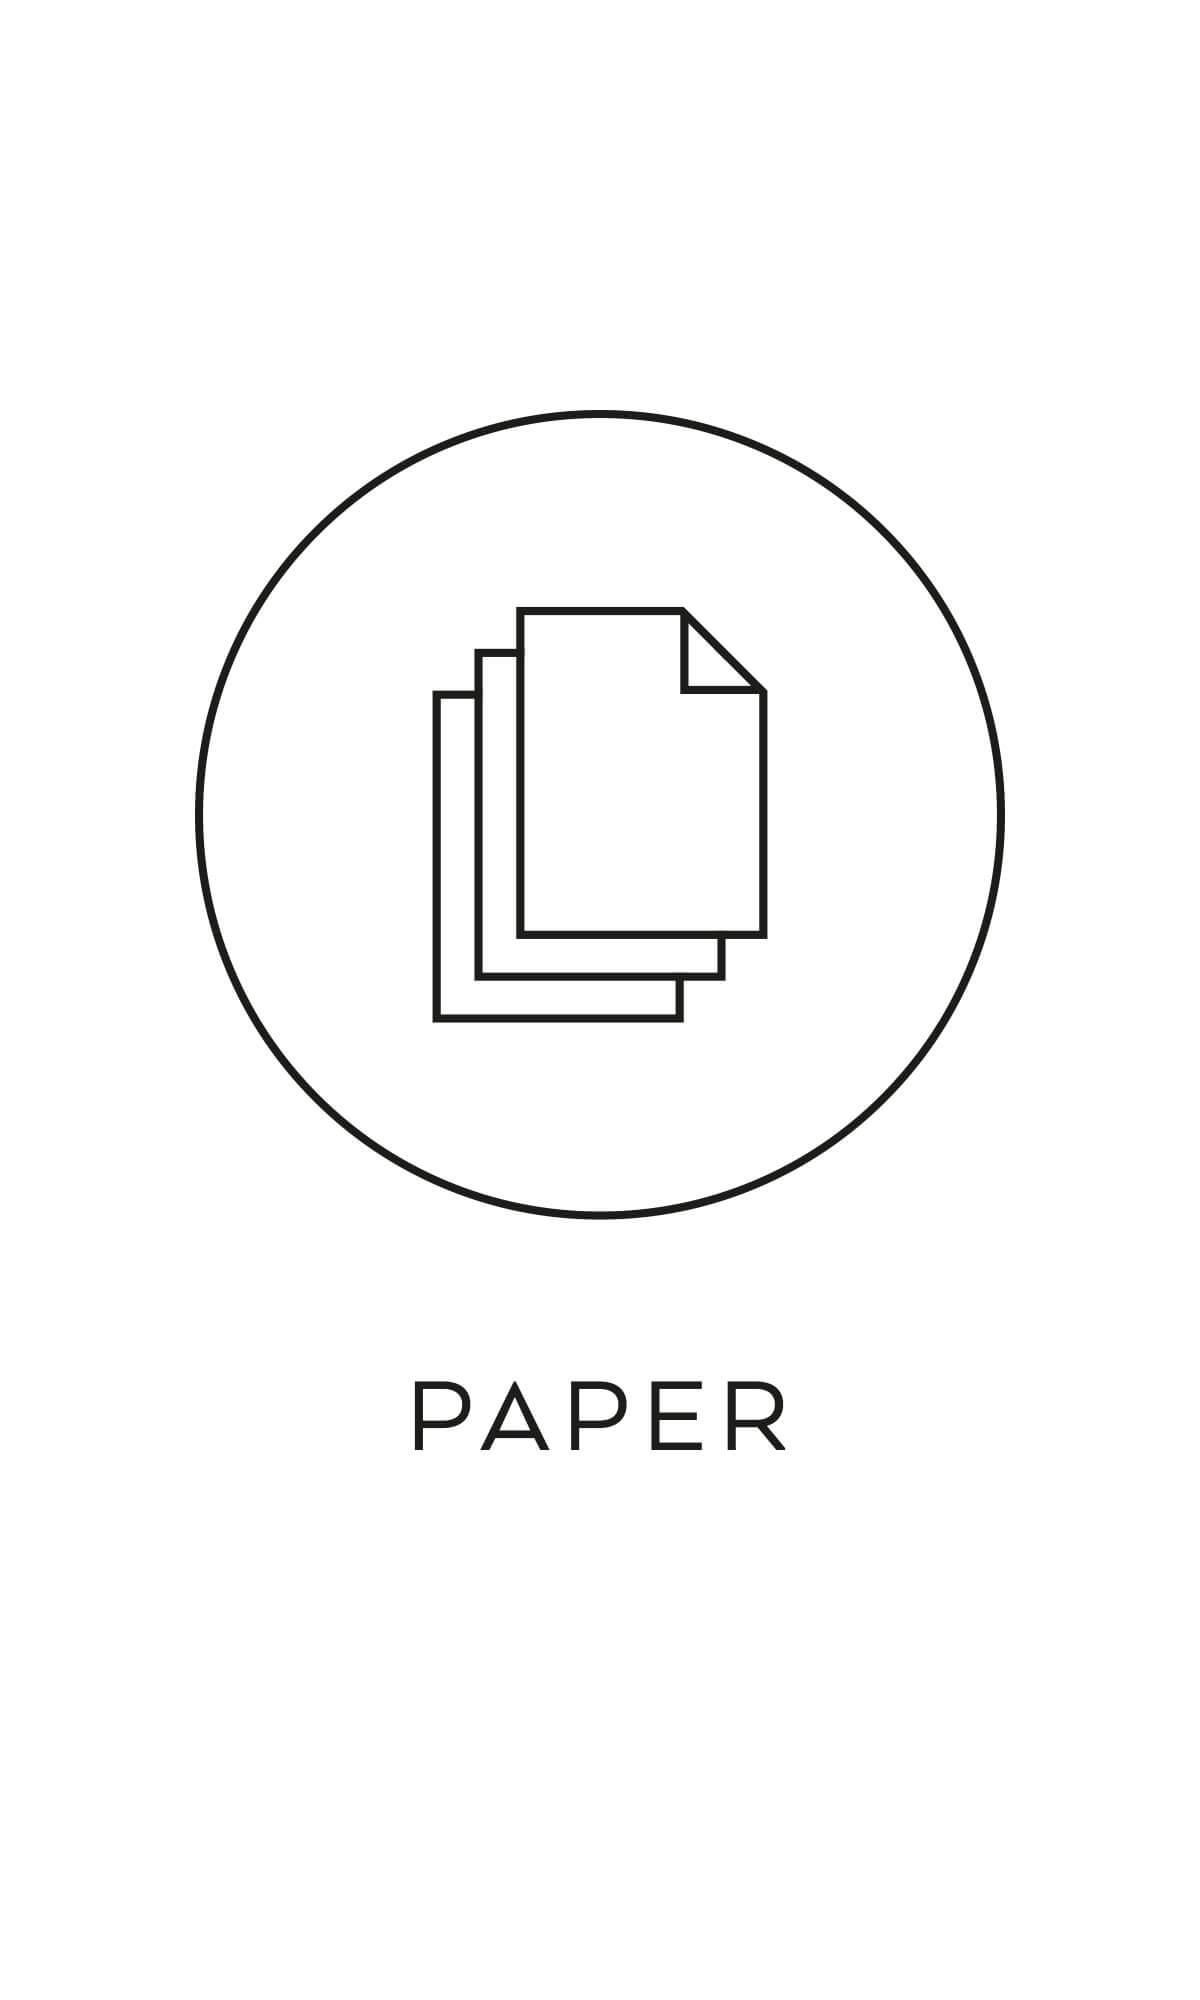 symbol källsortering papper återvinning